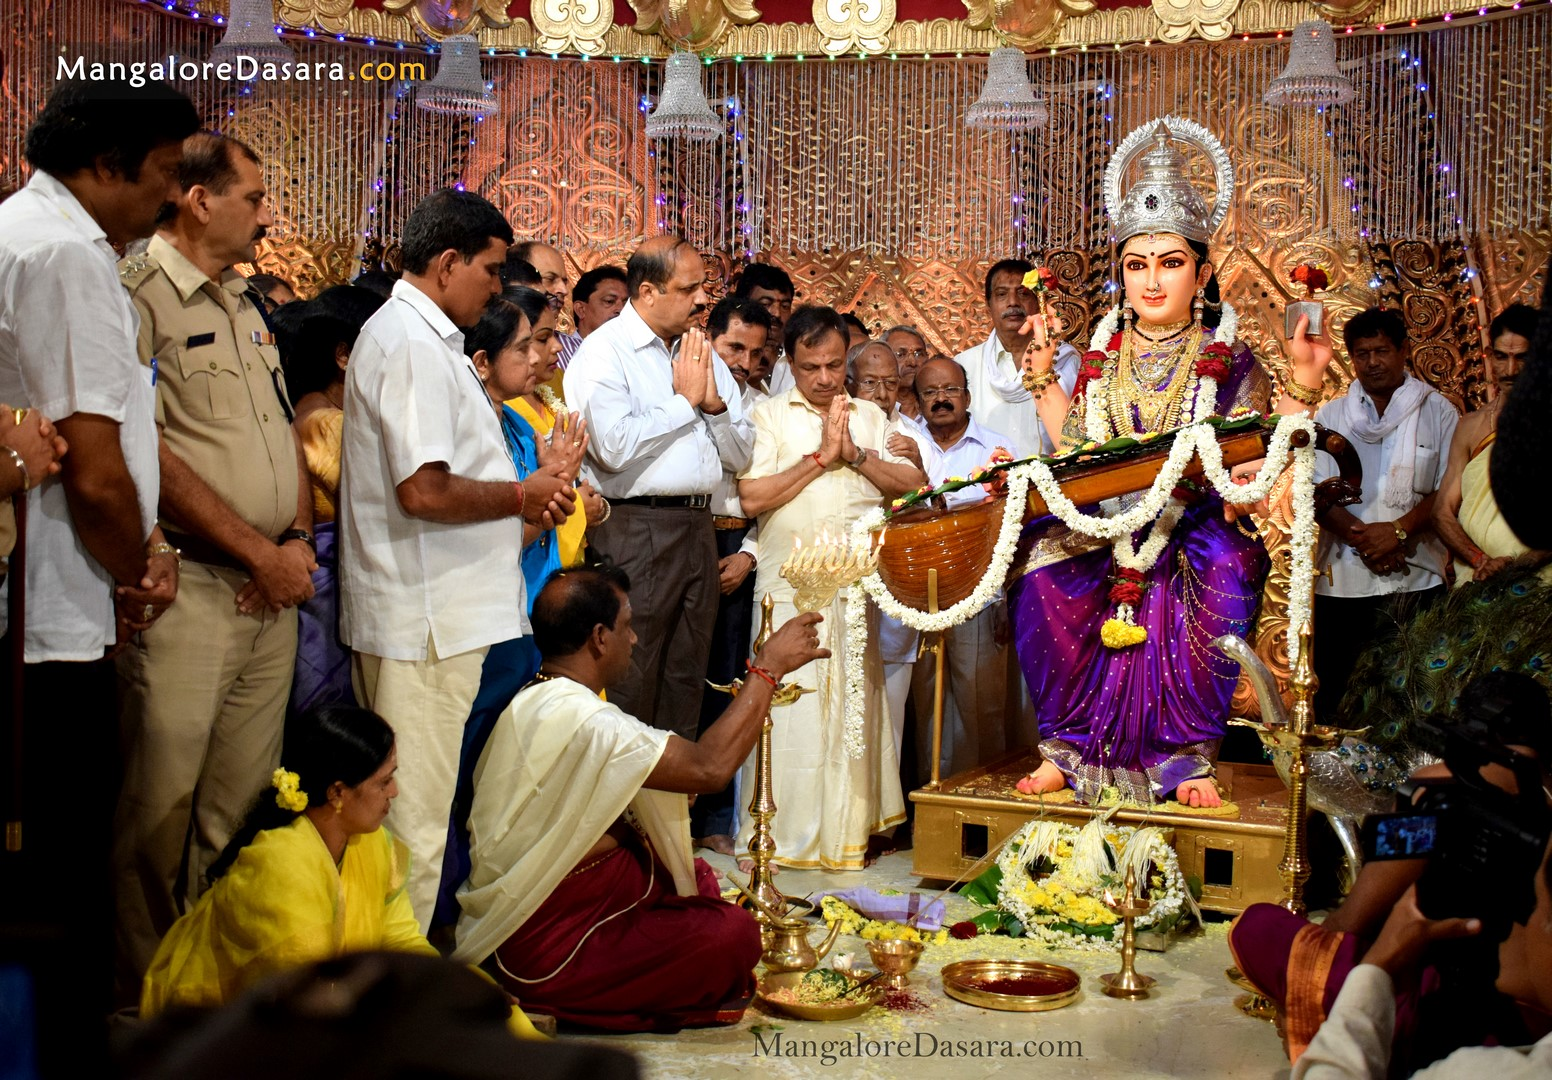 Mangalore Dasara 2017